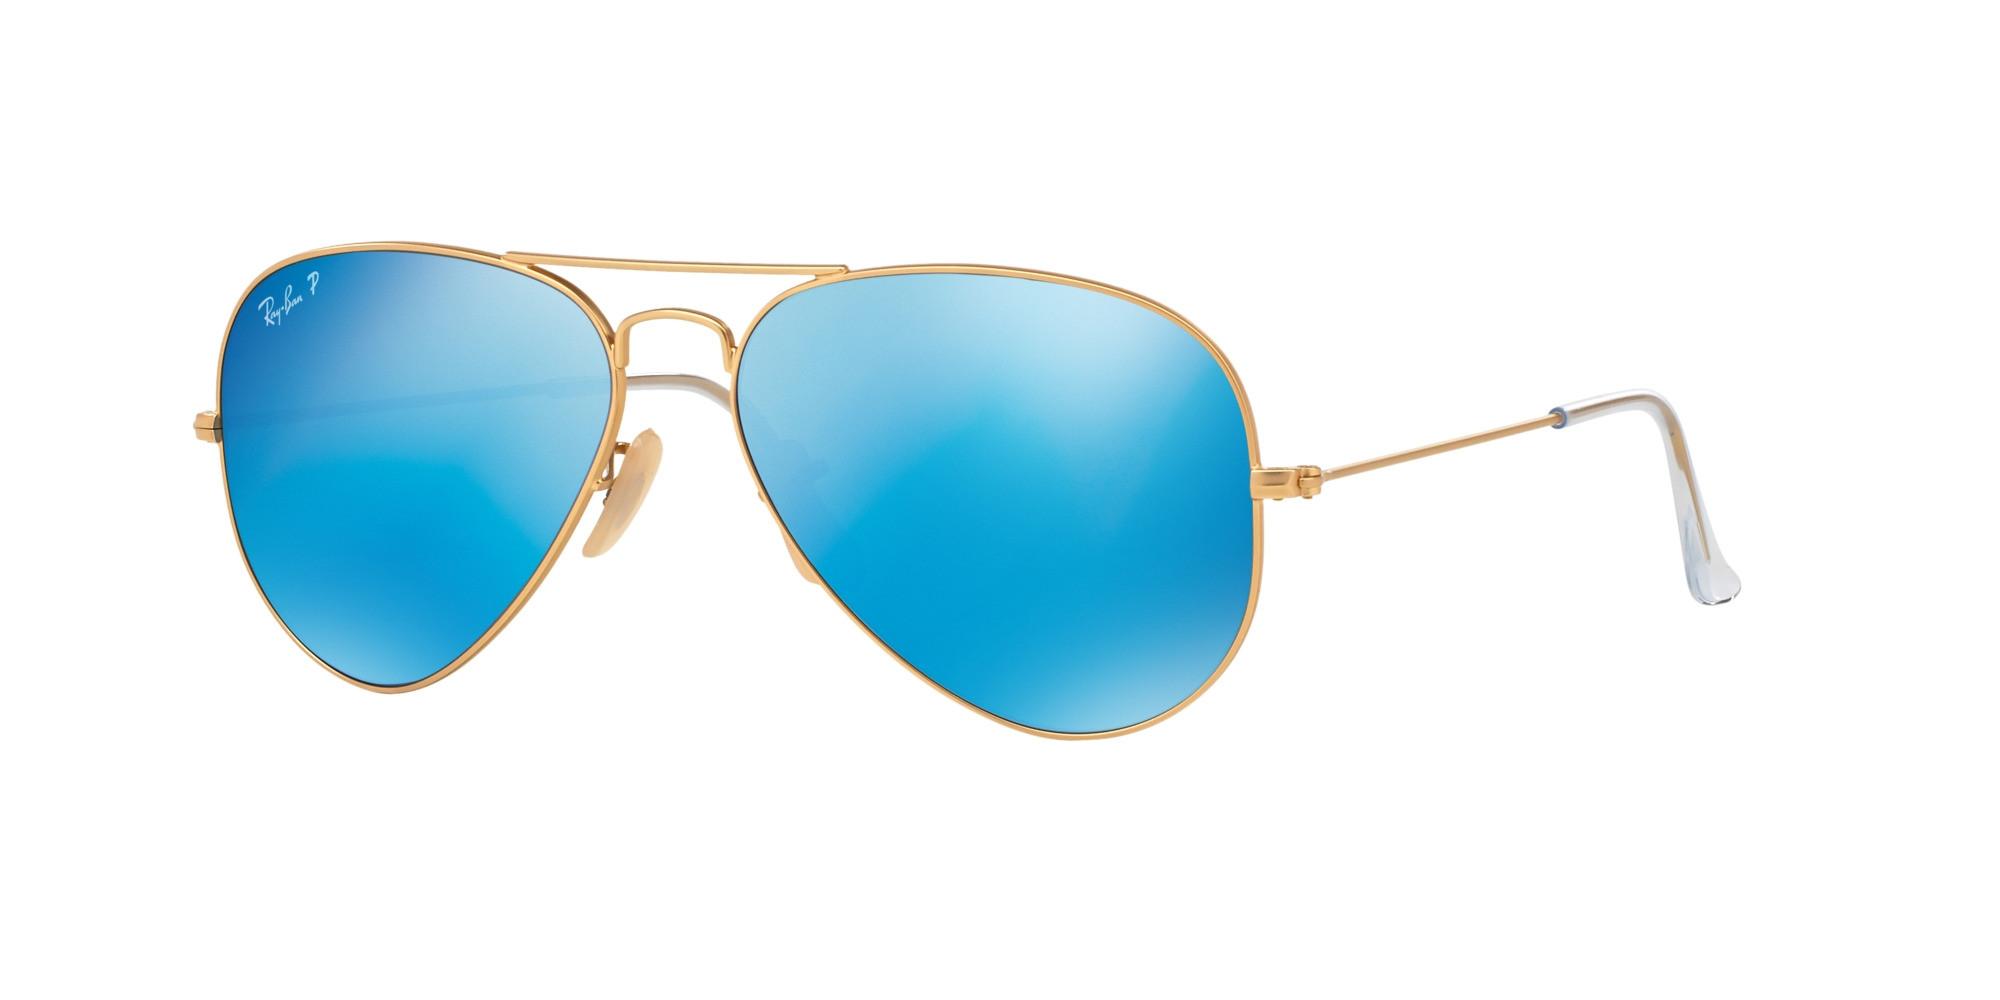 Gafas de sol RAY-BAN AVIATOR RB 3025 112/4L POLARIZADAS